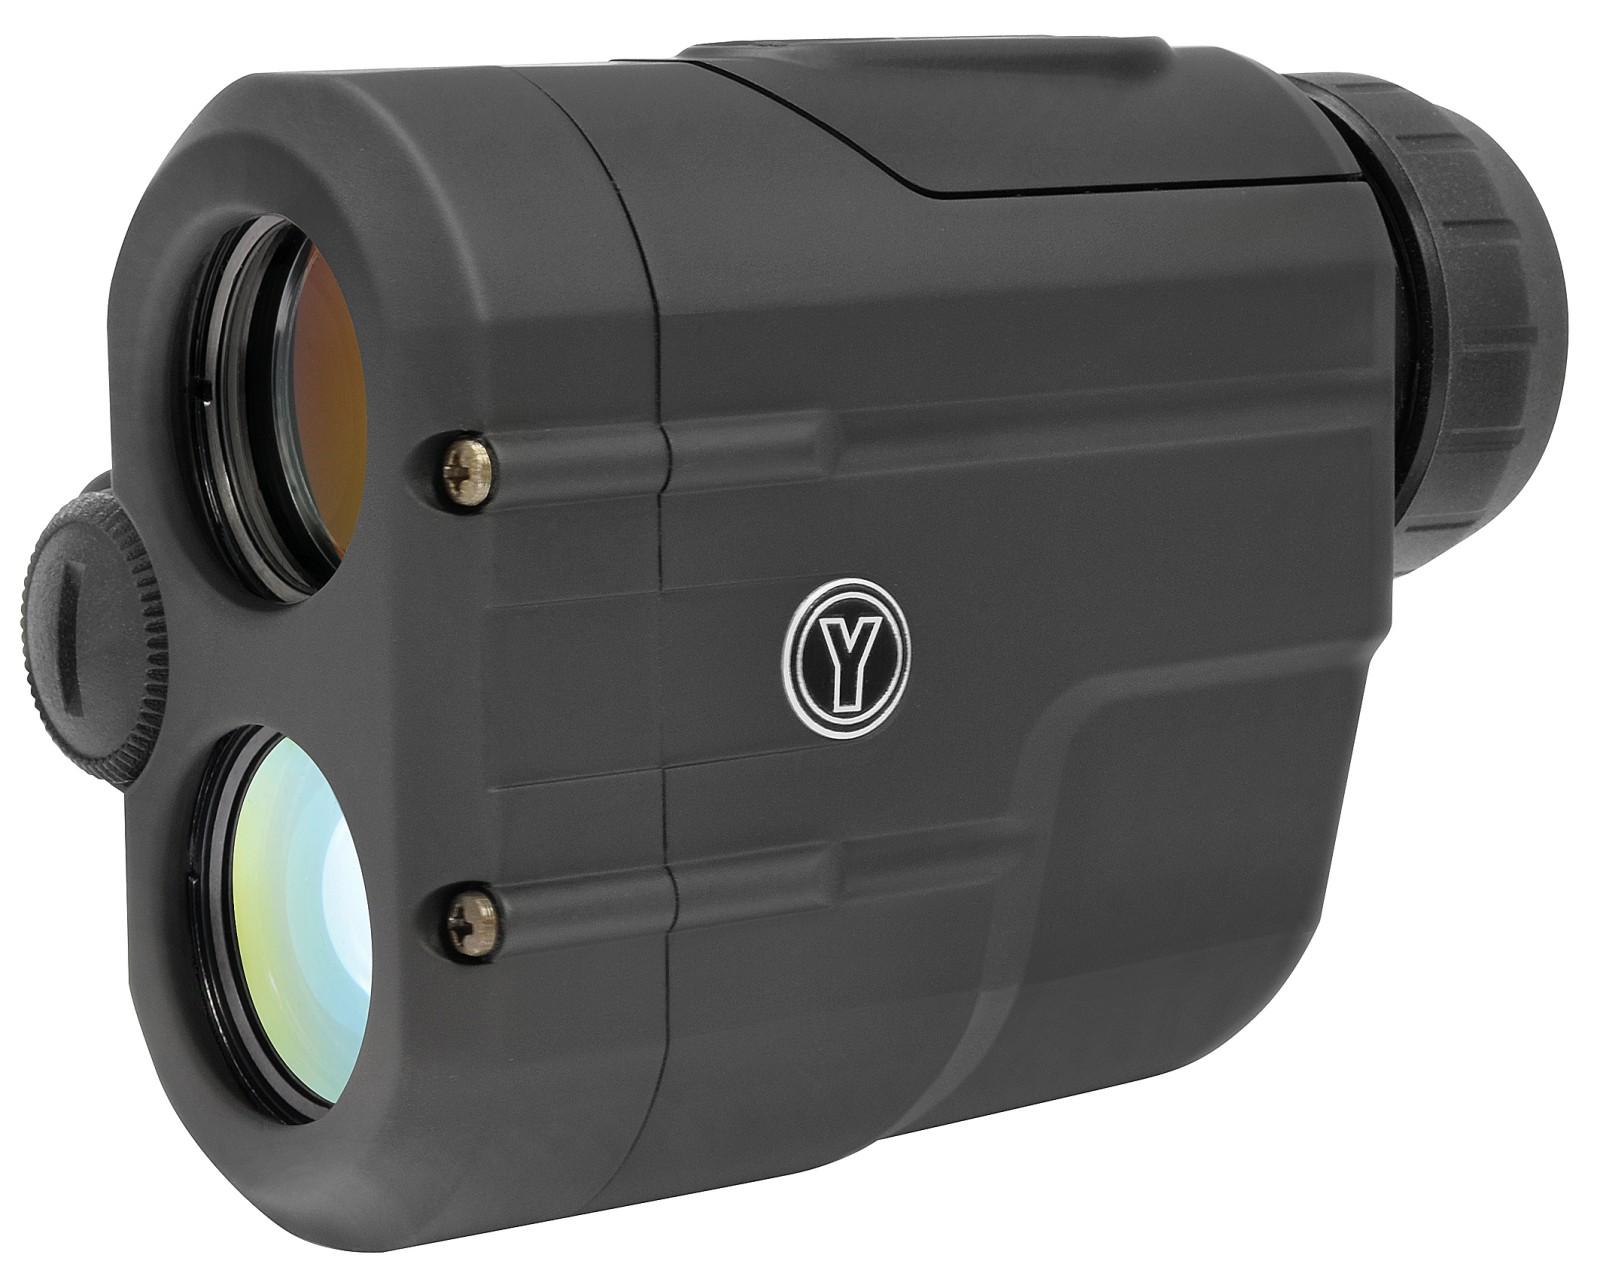 Yukon extend lrs 1000 laser entfernungsmesser bresser